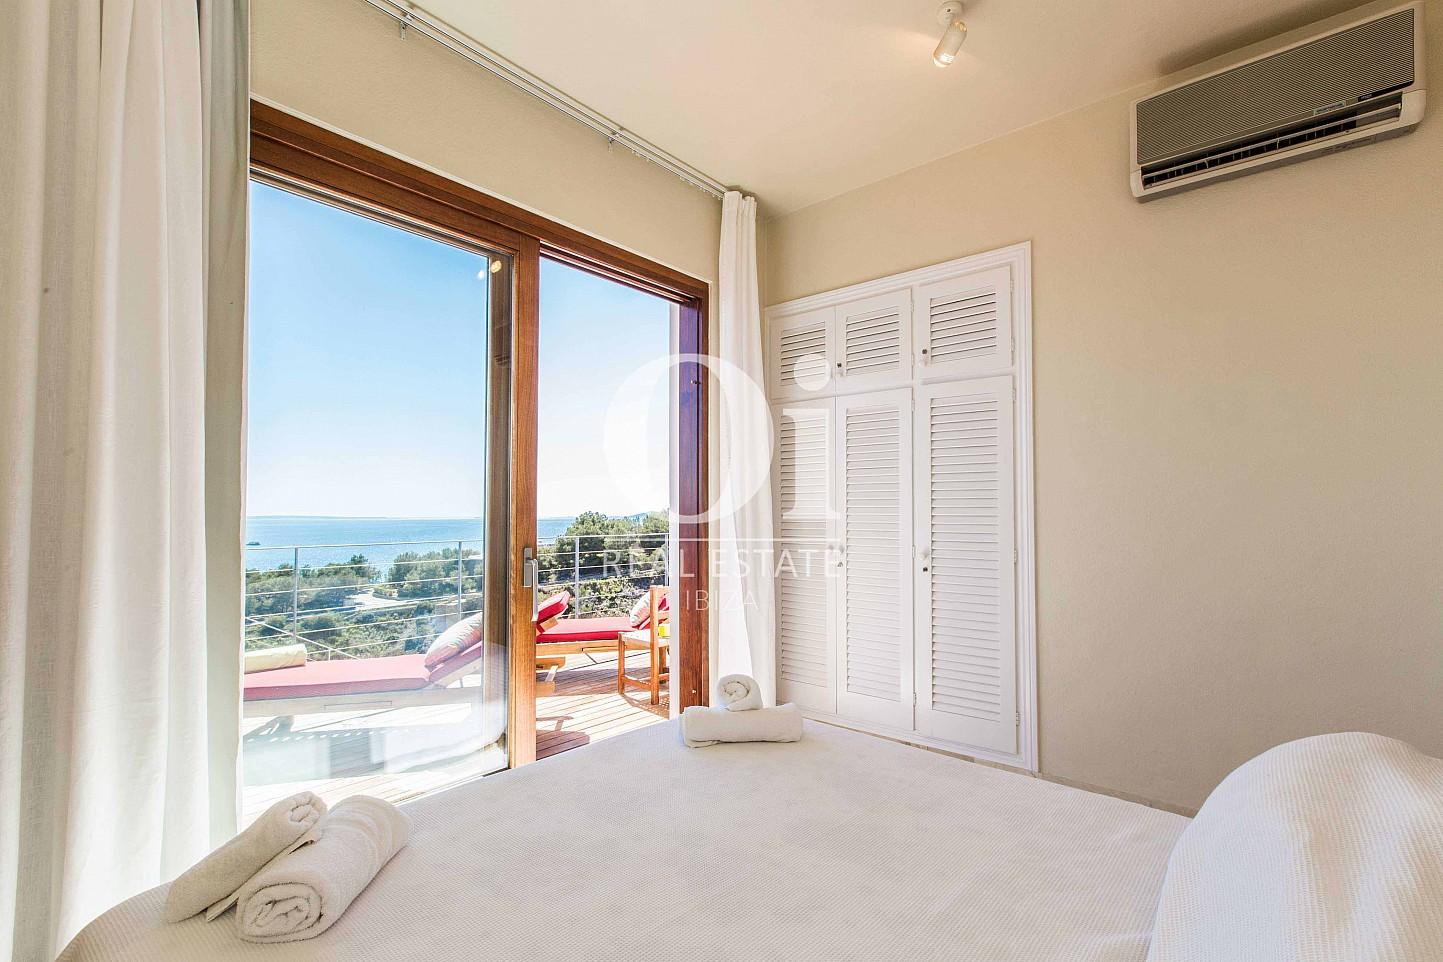 Dormitorio  de casa de alquiler de estancia en Roca Llisa, Ibiza